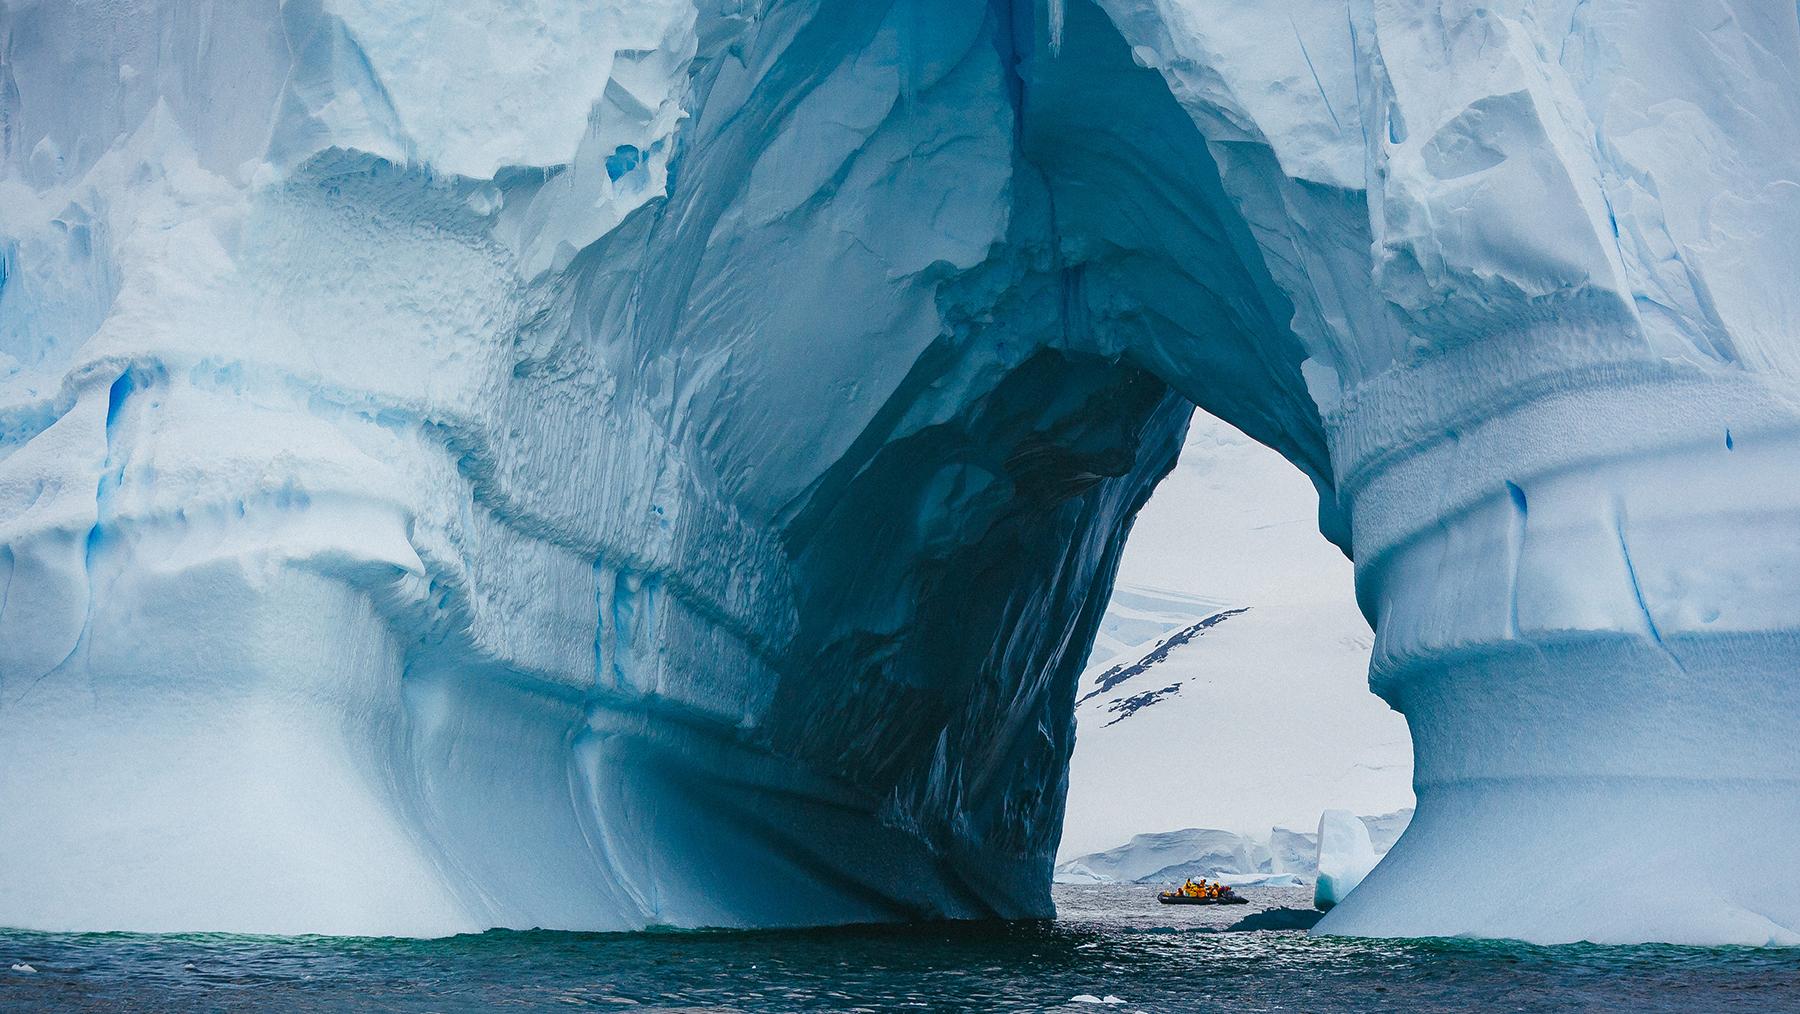 Ocean Adventurer in Antarctica